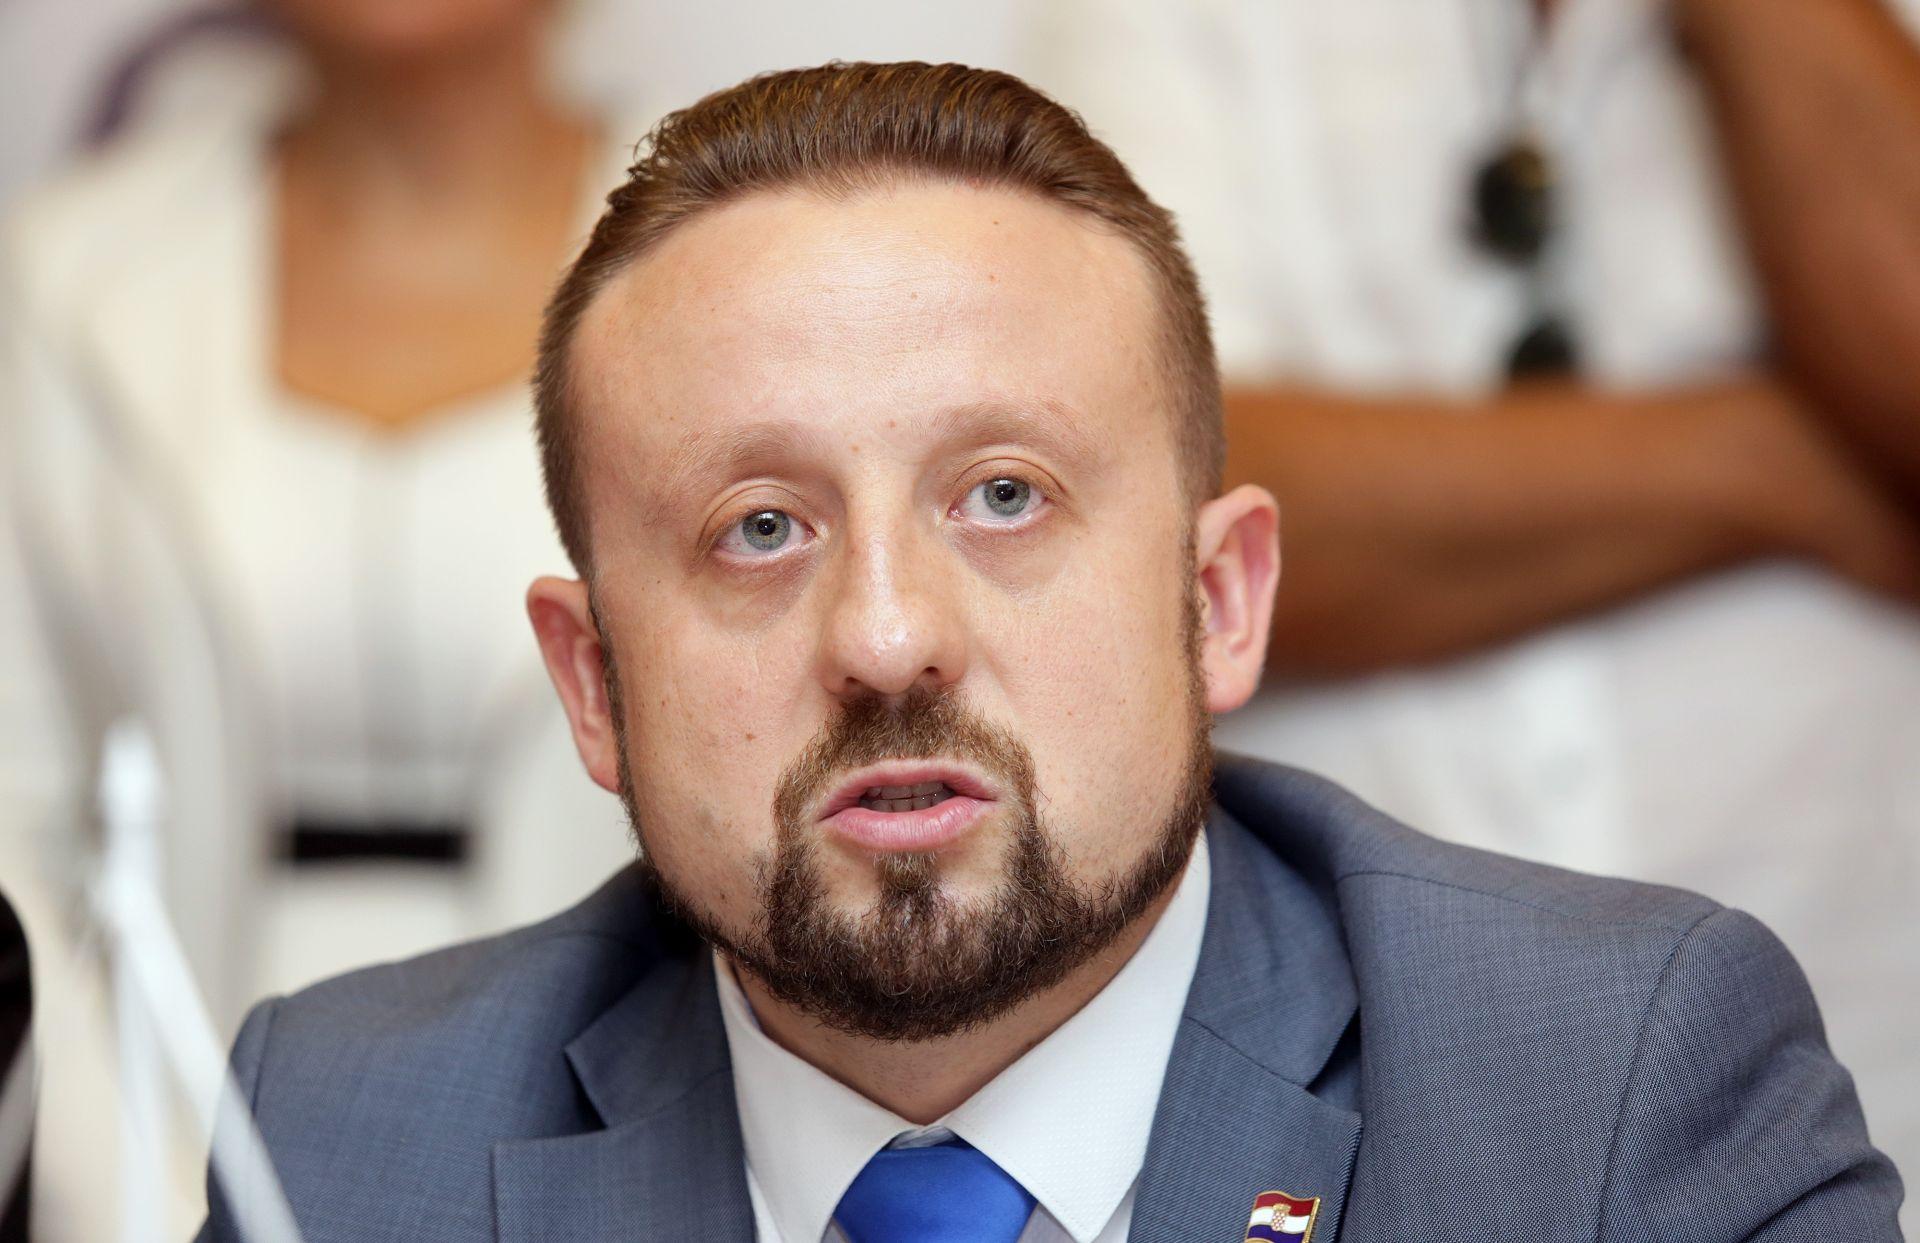 """TEPEŠ """"Milanović je spreman uzviknuti 'Za dom spremni' samo da dođe na vlast"""""""